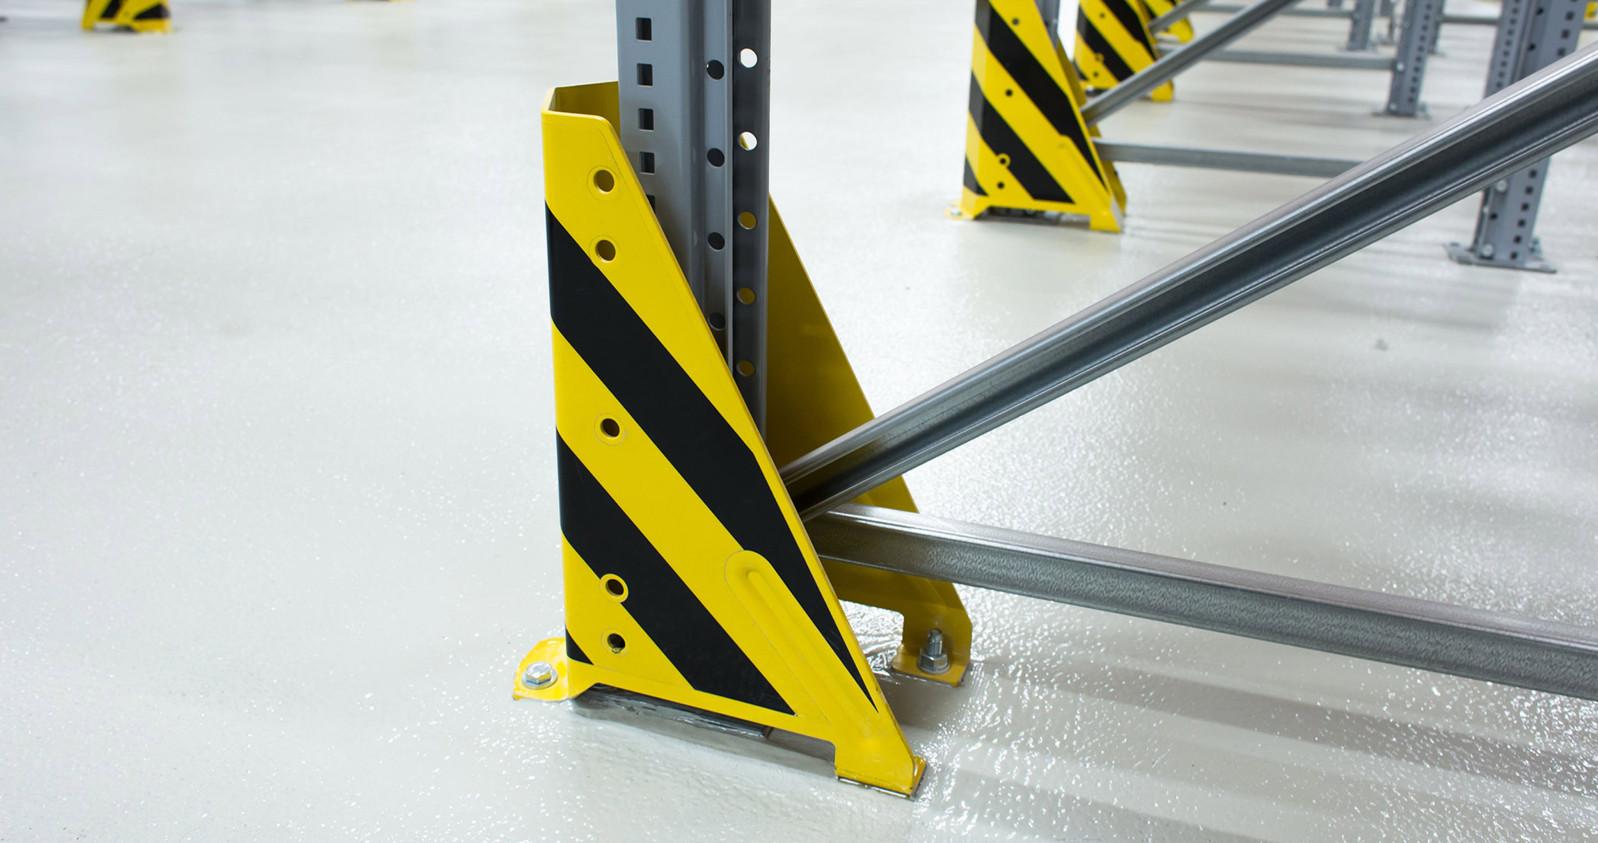 Schutz der Regalrahmen im Arbeitsgang